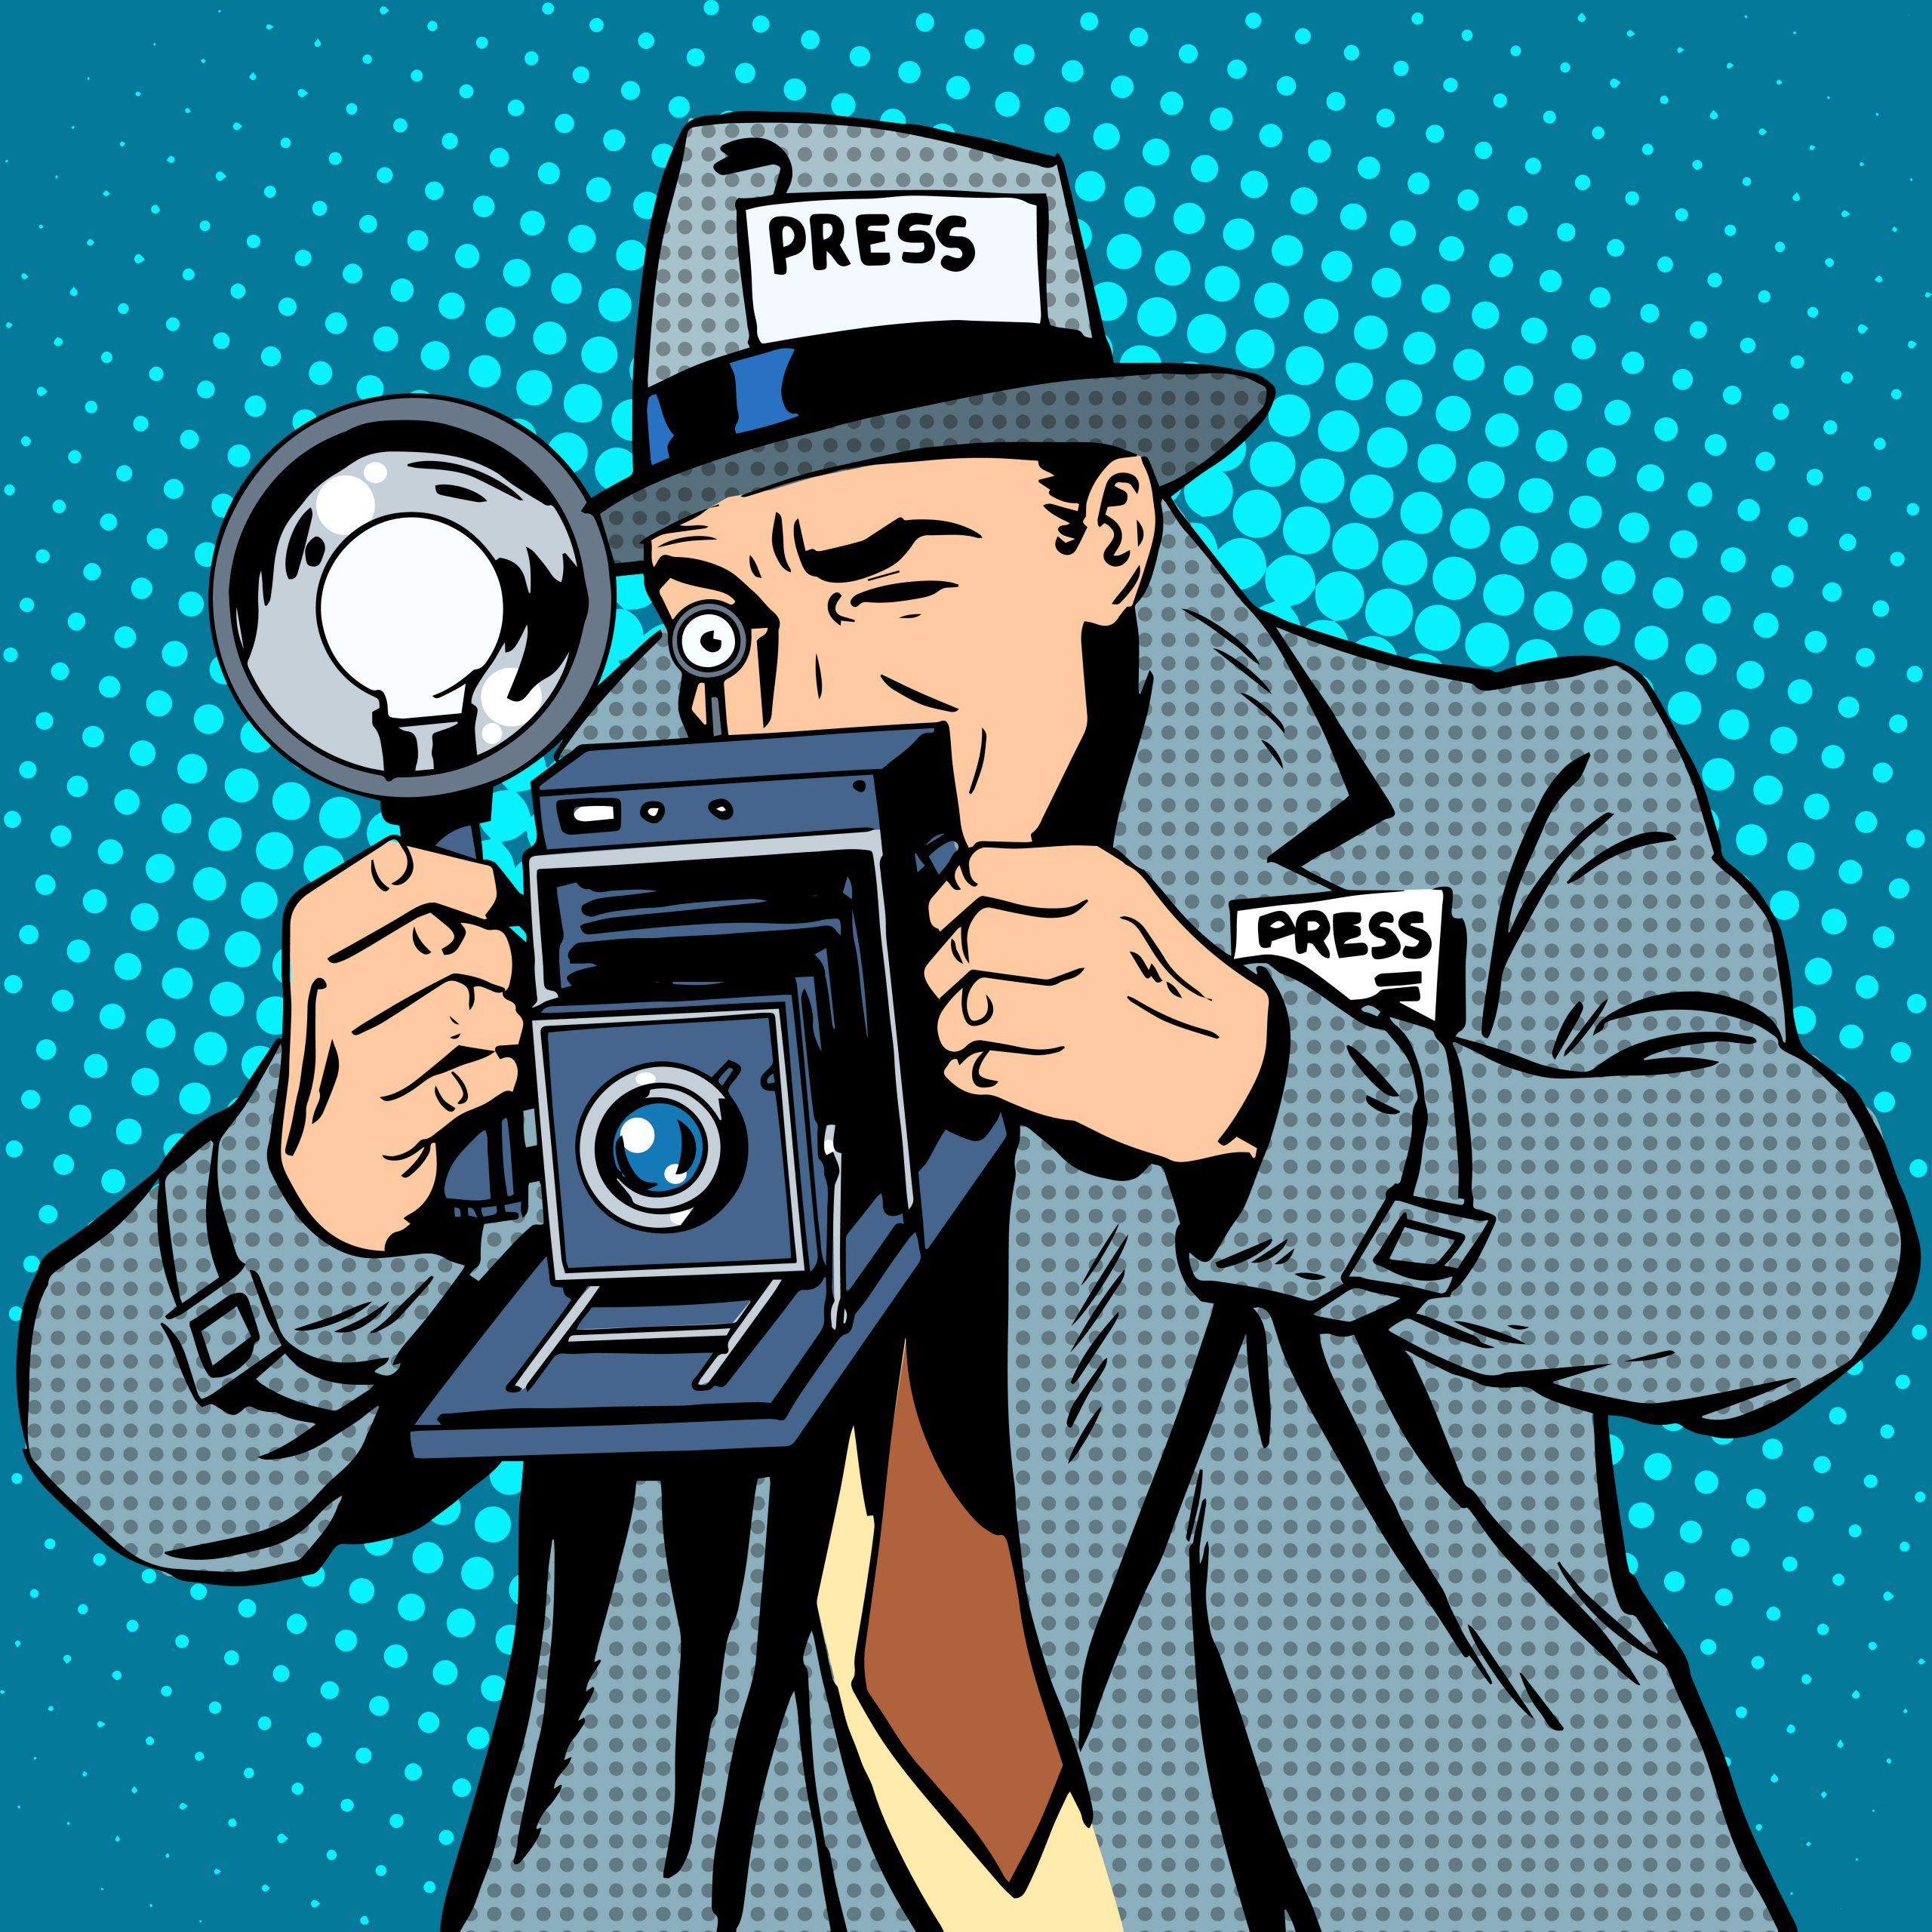 Comment trouver des idées pour son communiqué de presse ? - Walkcast Communiqué de Presse [6] 16